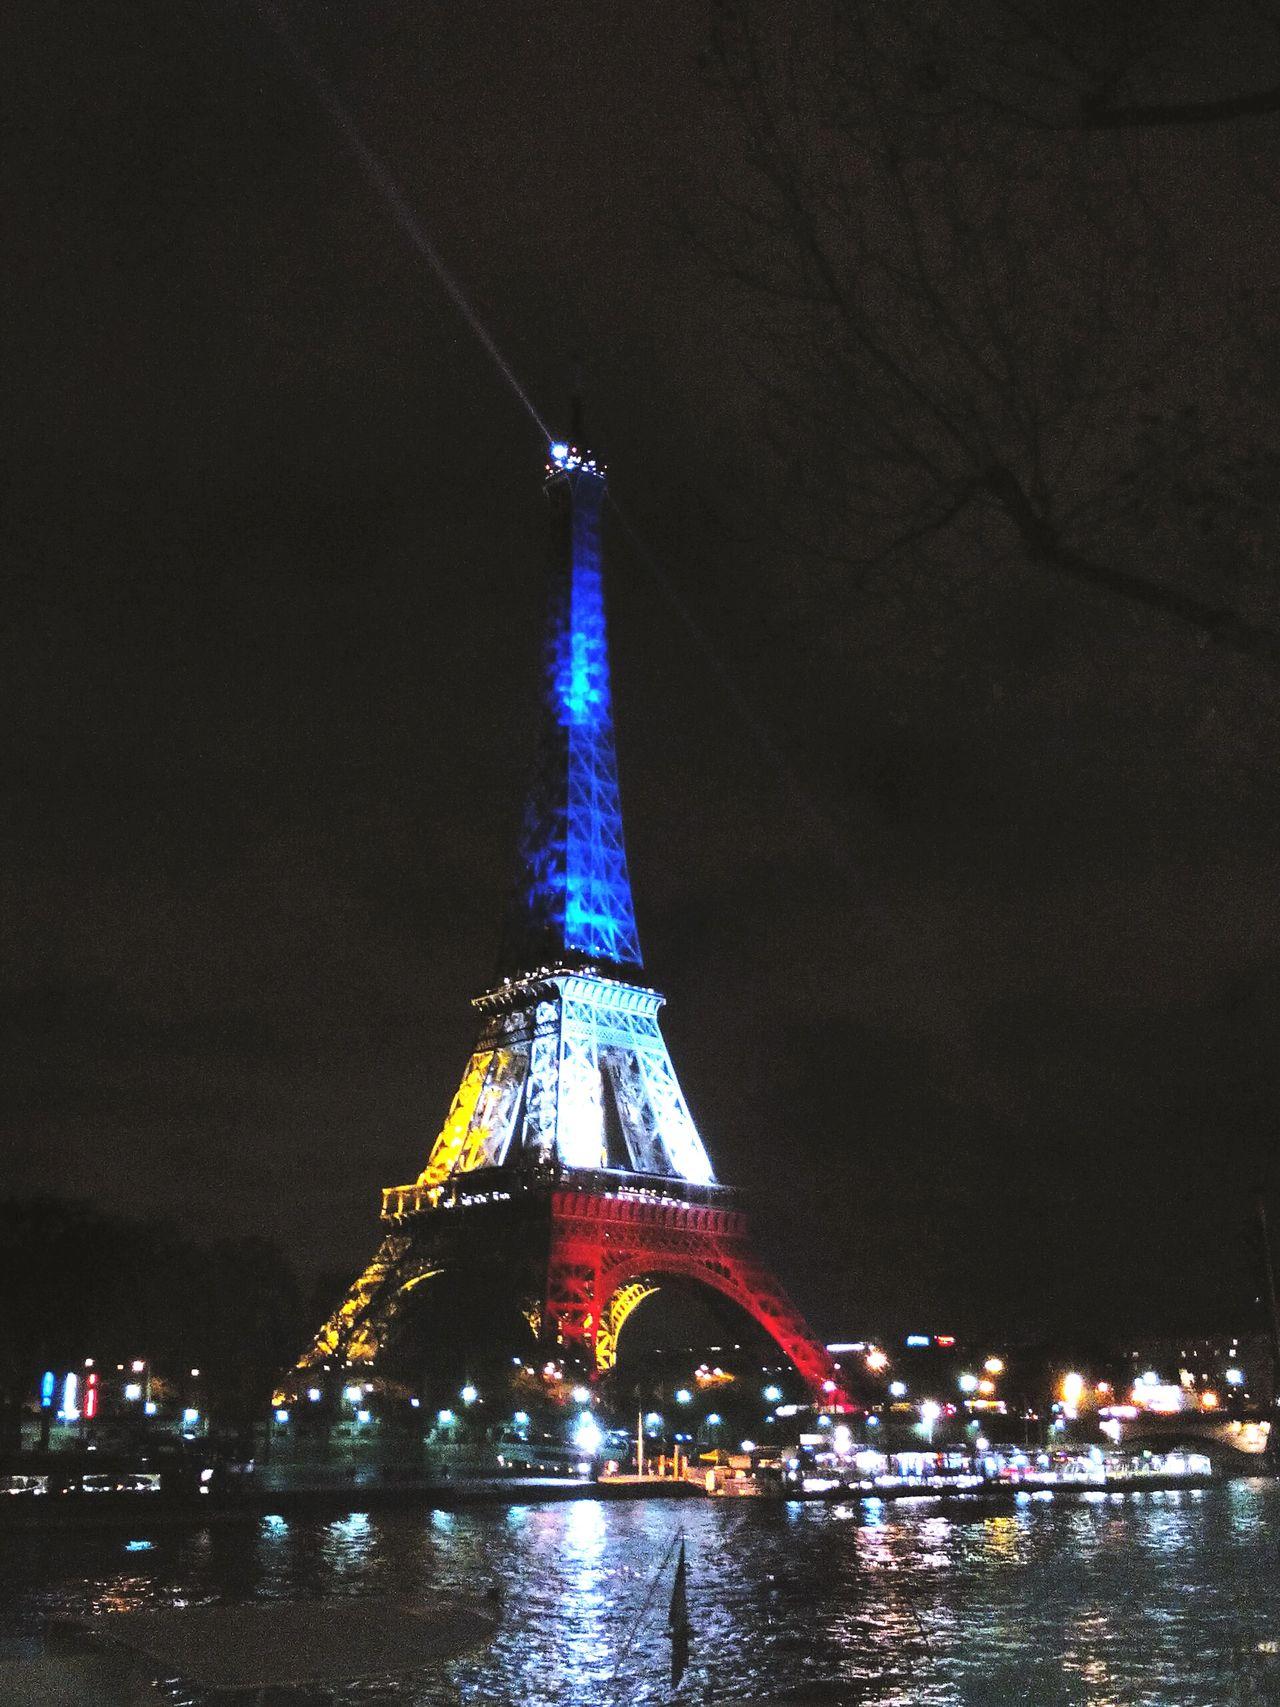 Frenchflag Paris Toureiffel Eiffel Tower